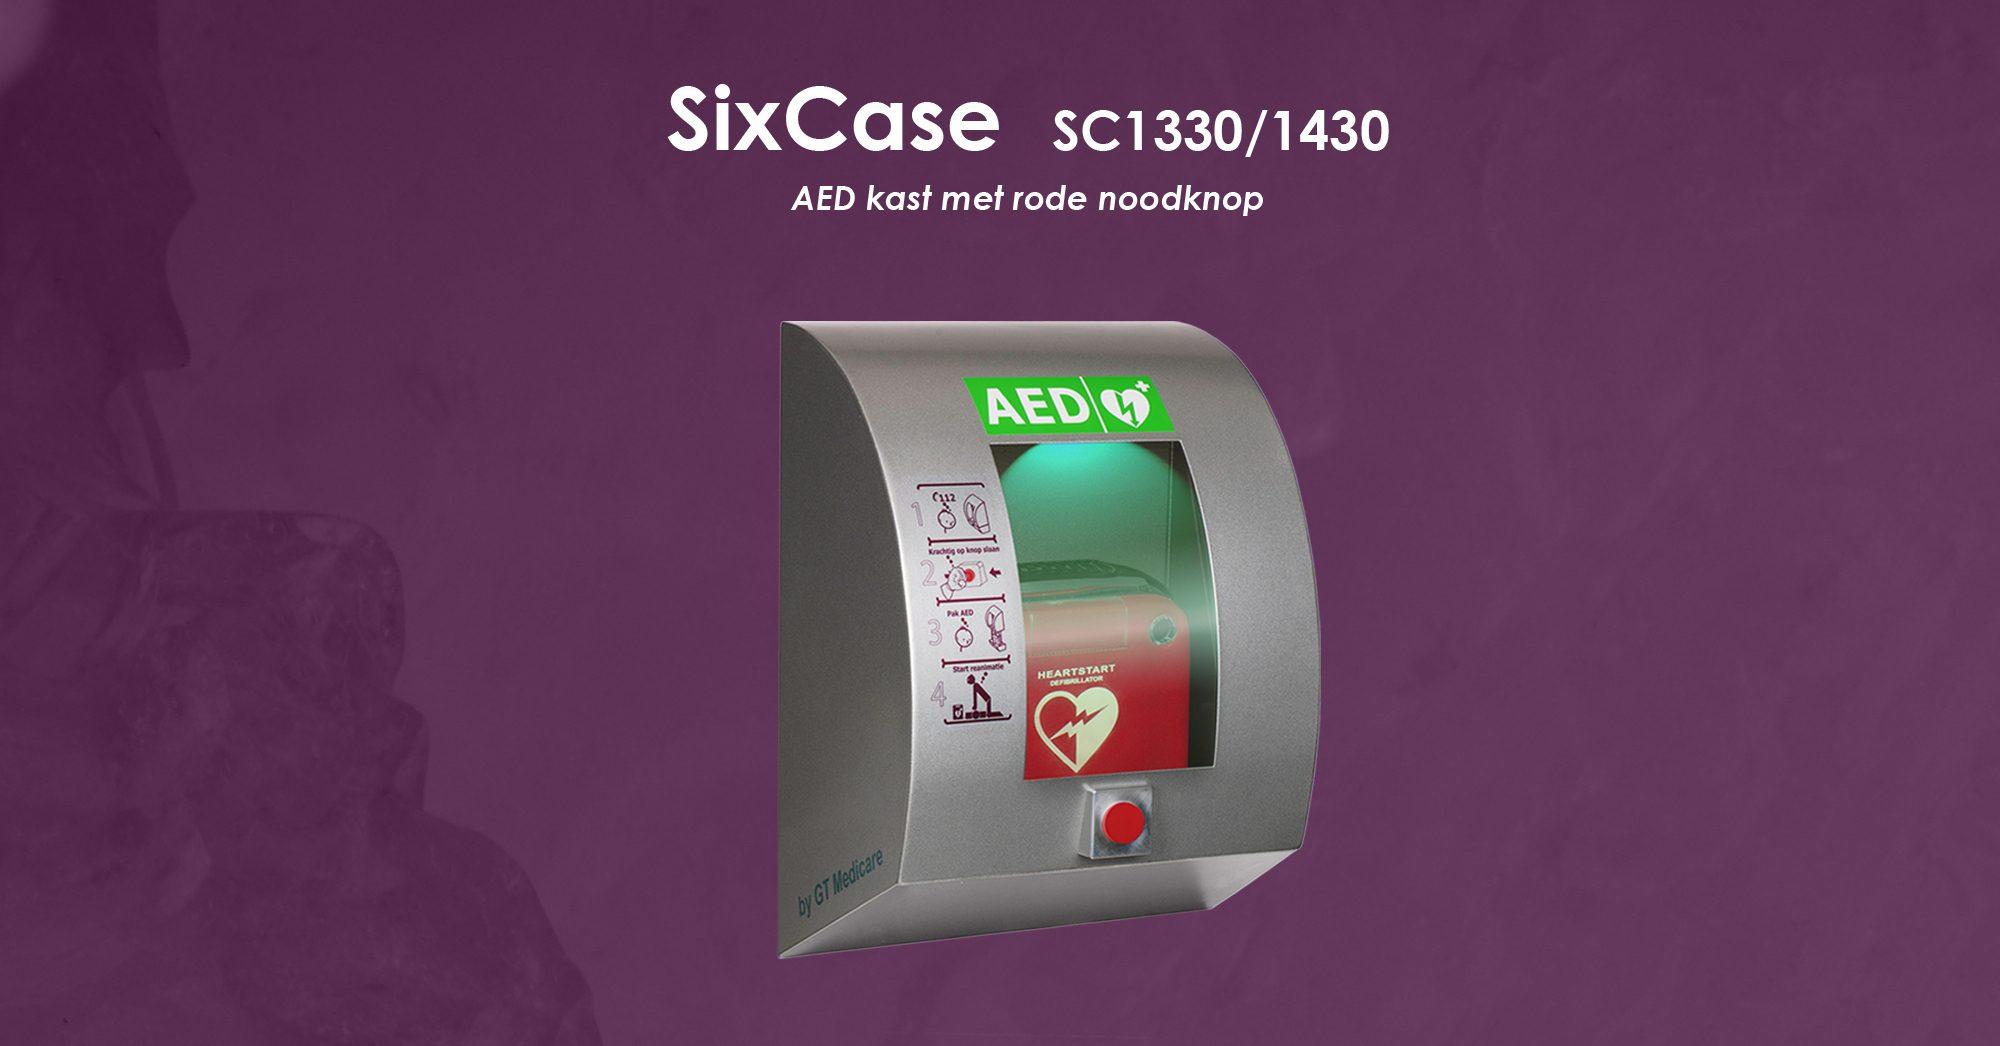 Sc13301430 Aed Kast Met Rode Noodknop